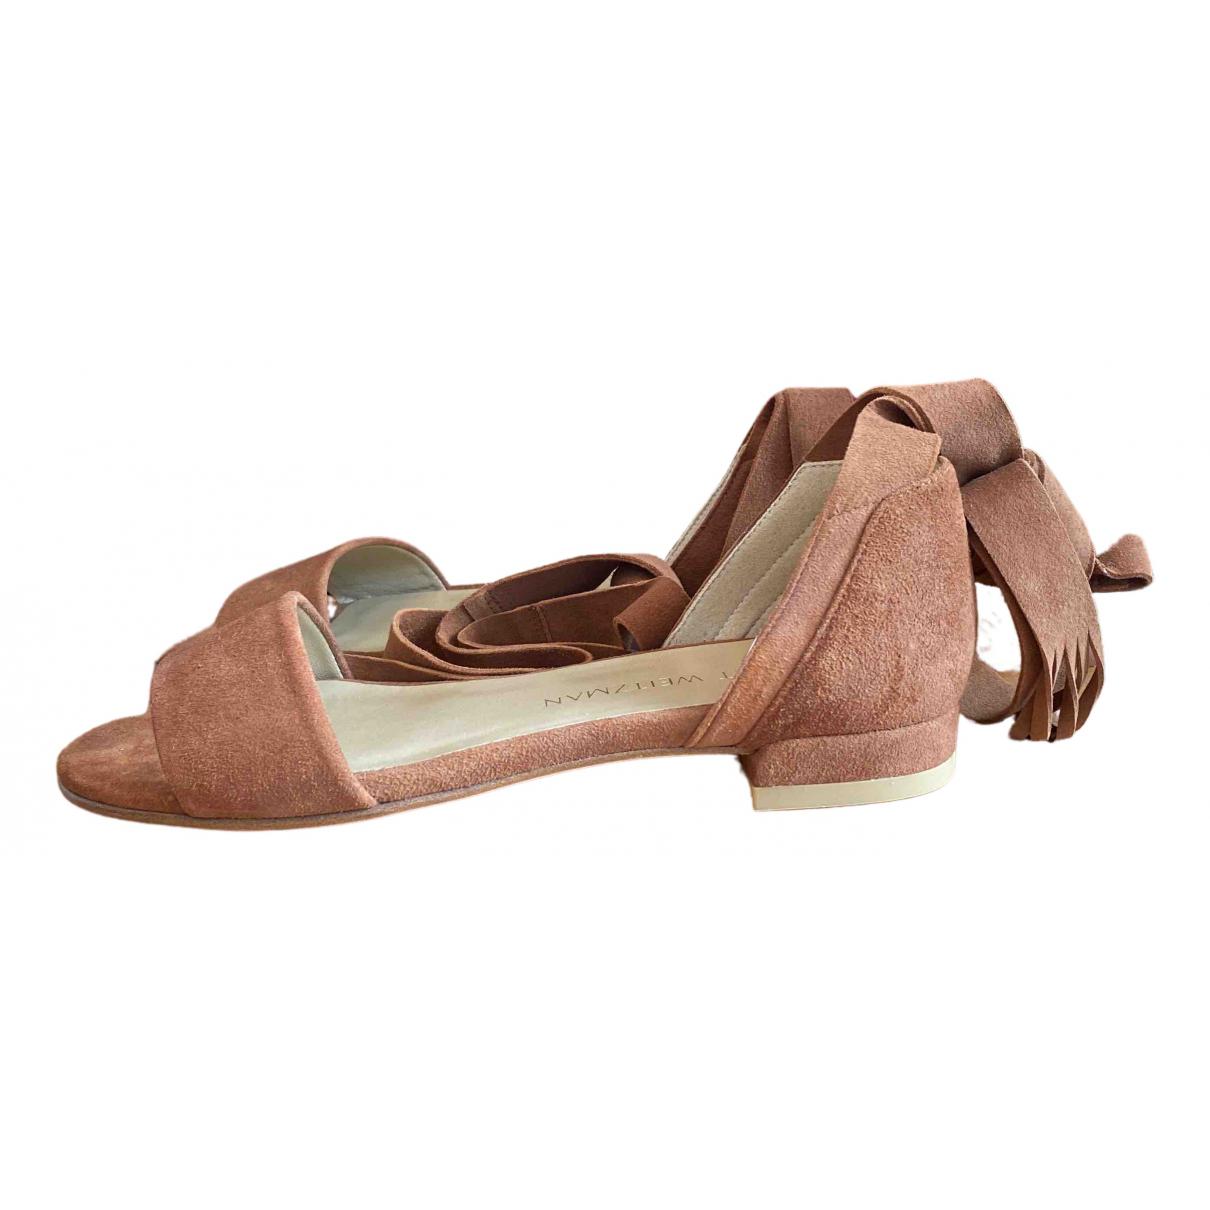 Stuart Weitzman \N Brown Suede Sandals for Women 35.5 EU